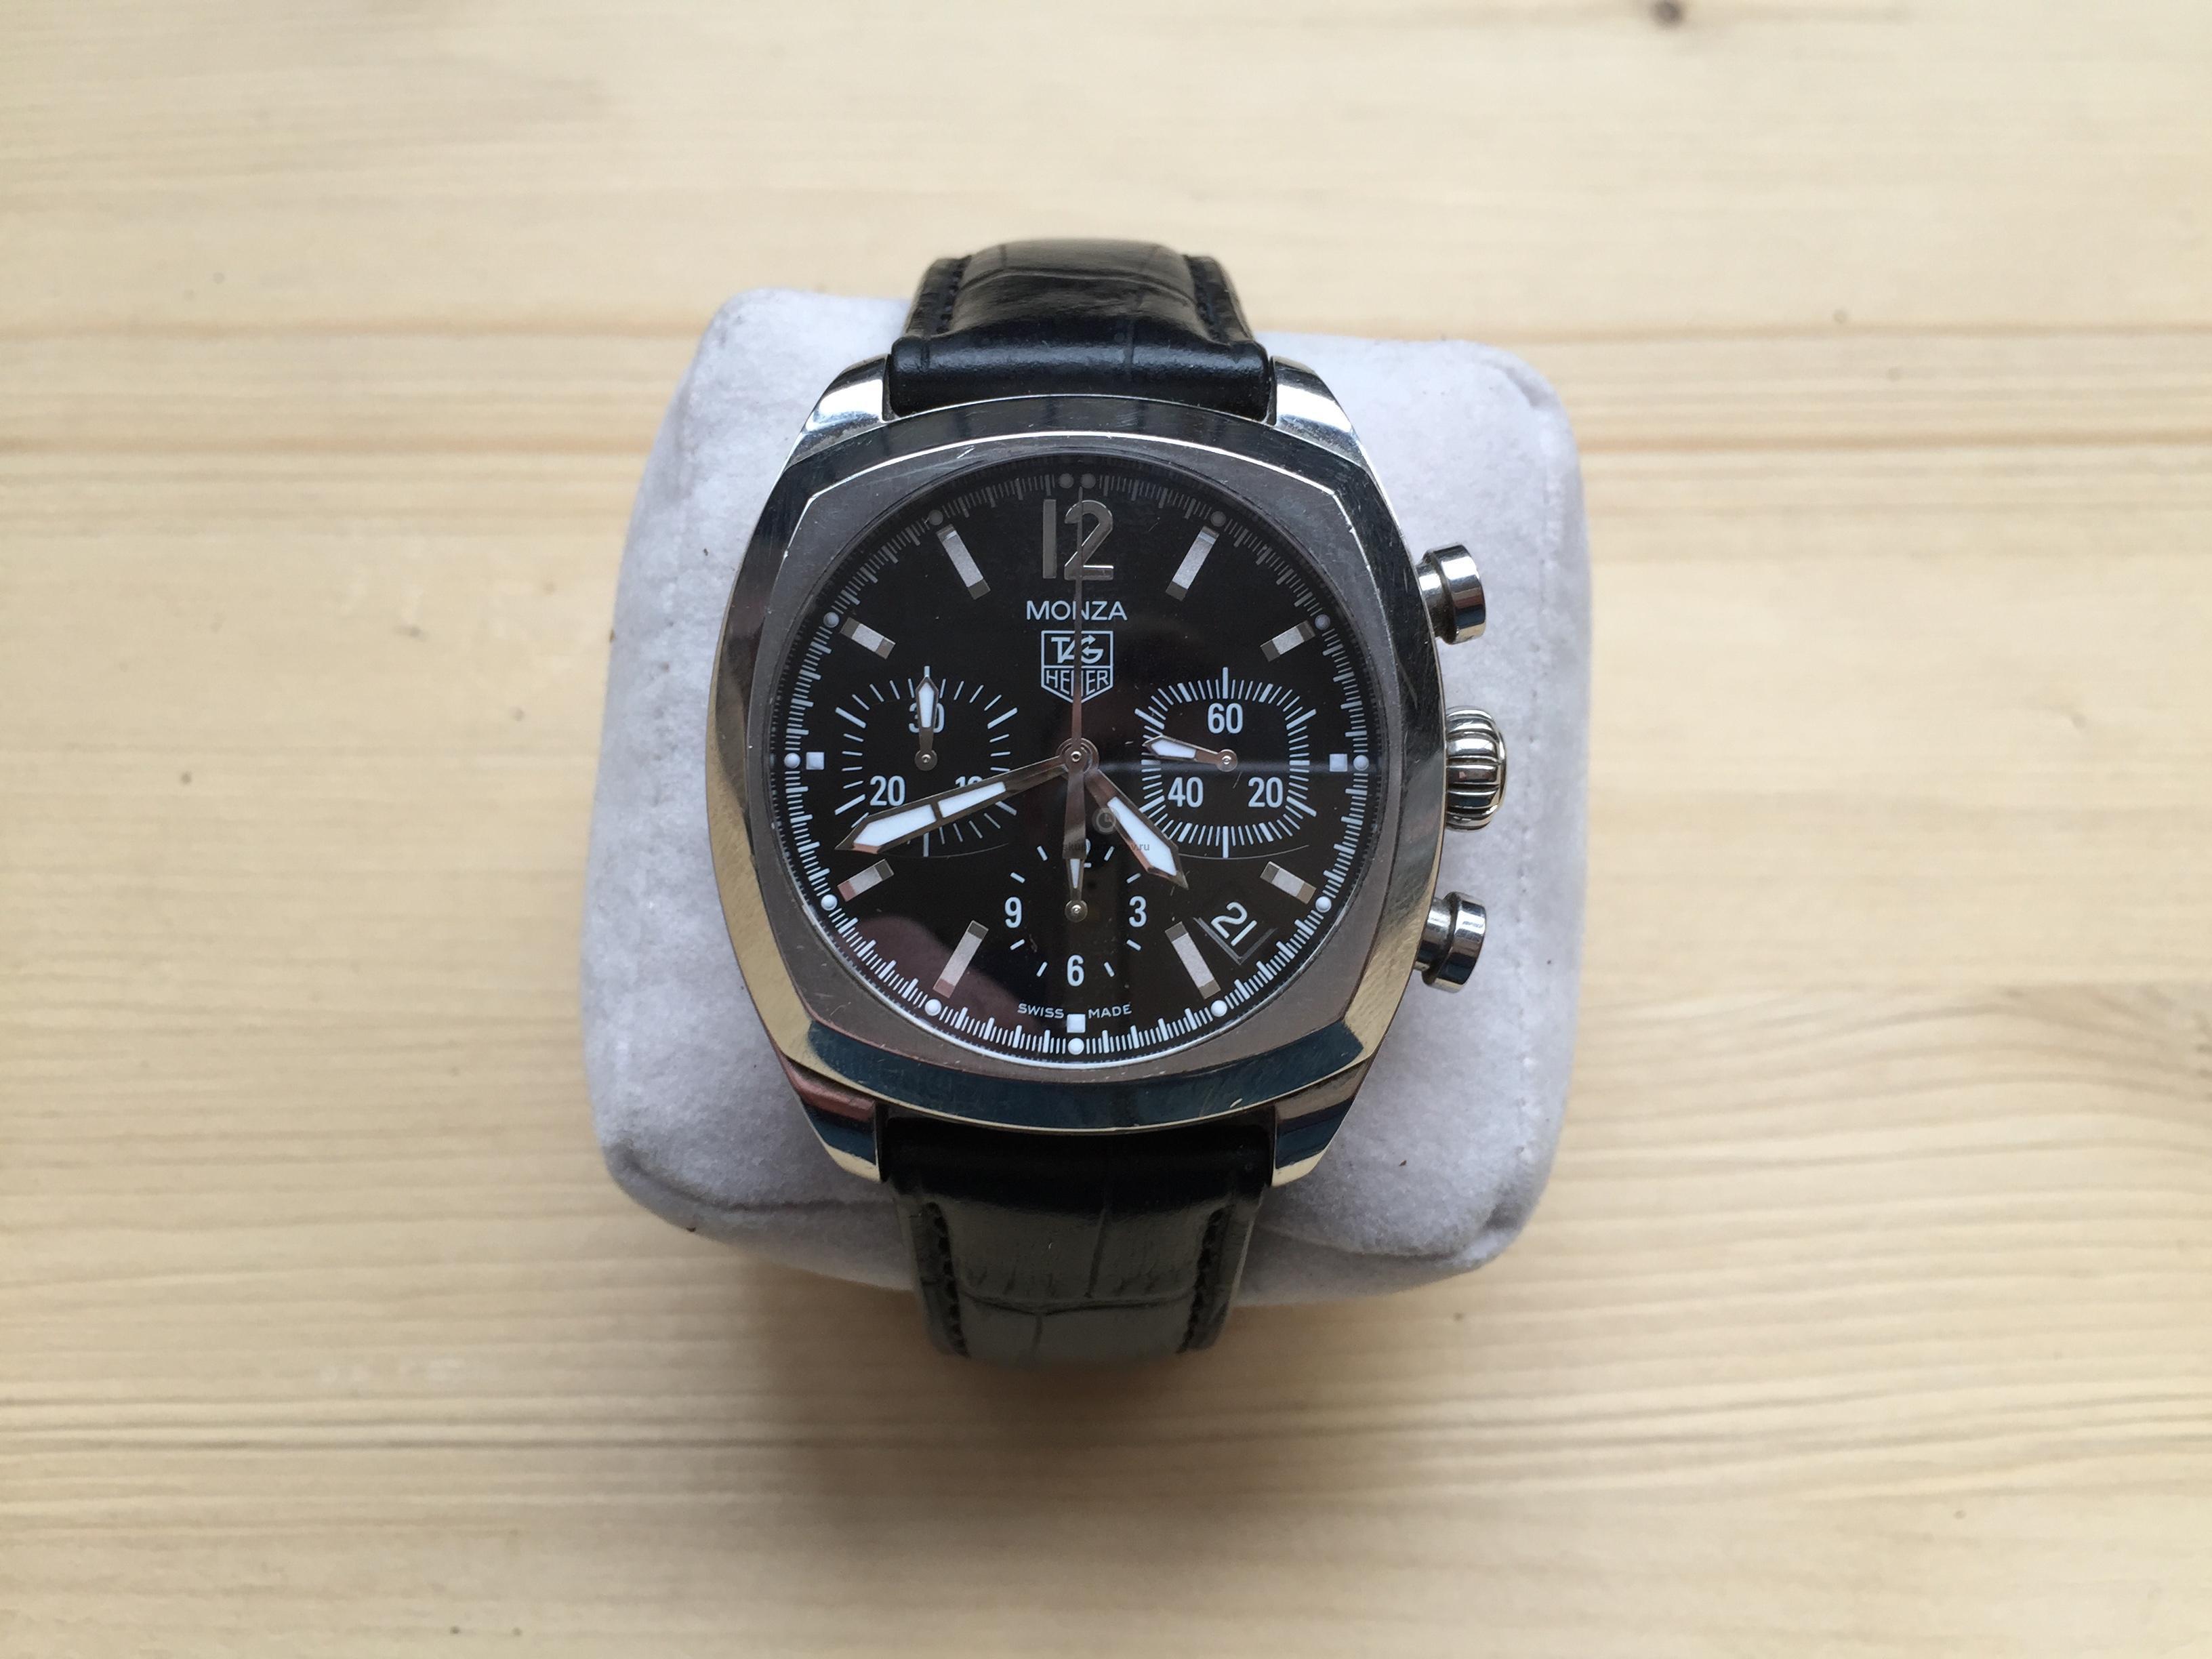 Купить наручные часы Tag Heuer Monza в Часовой ломбард